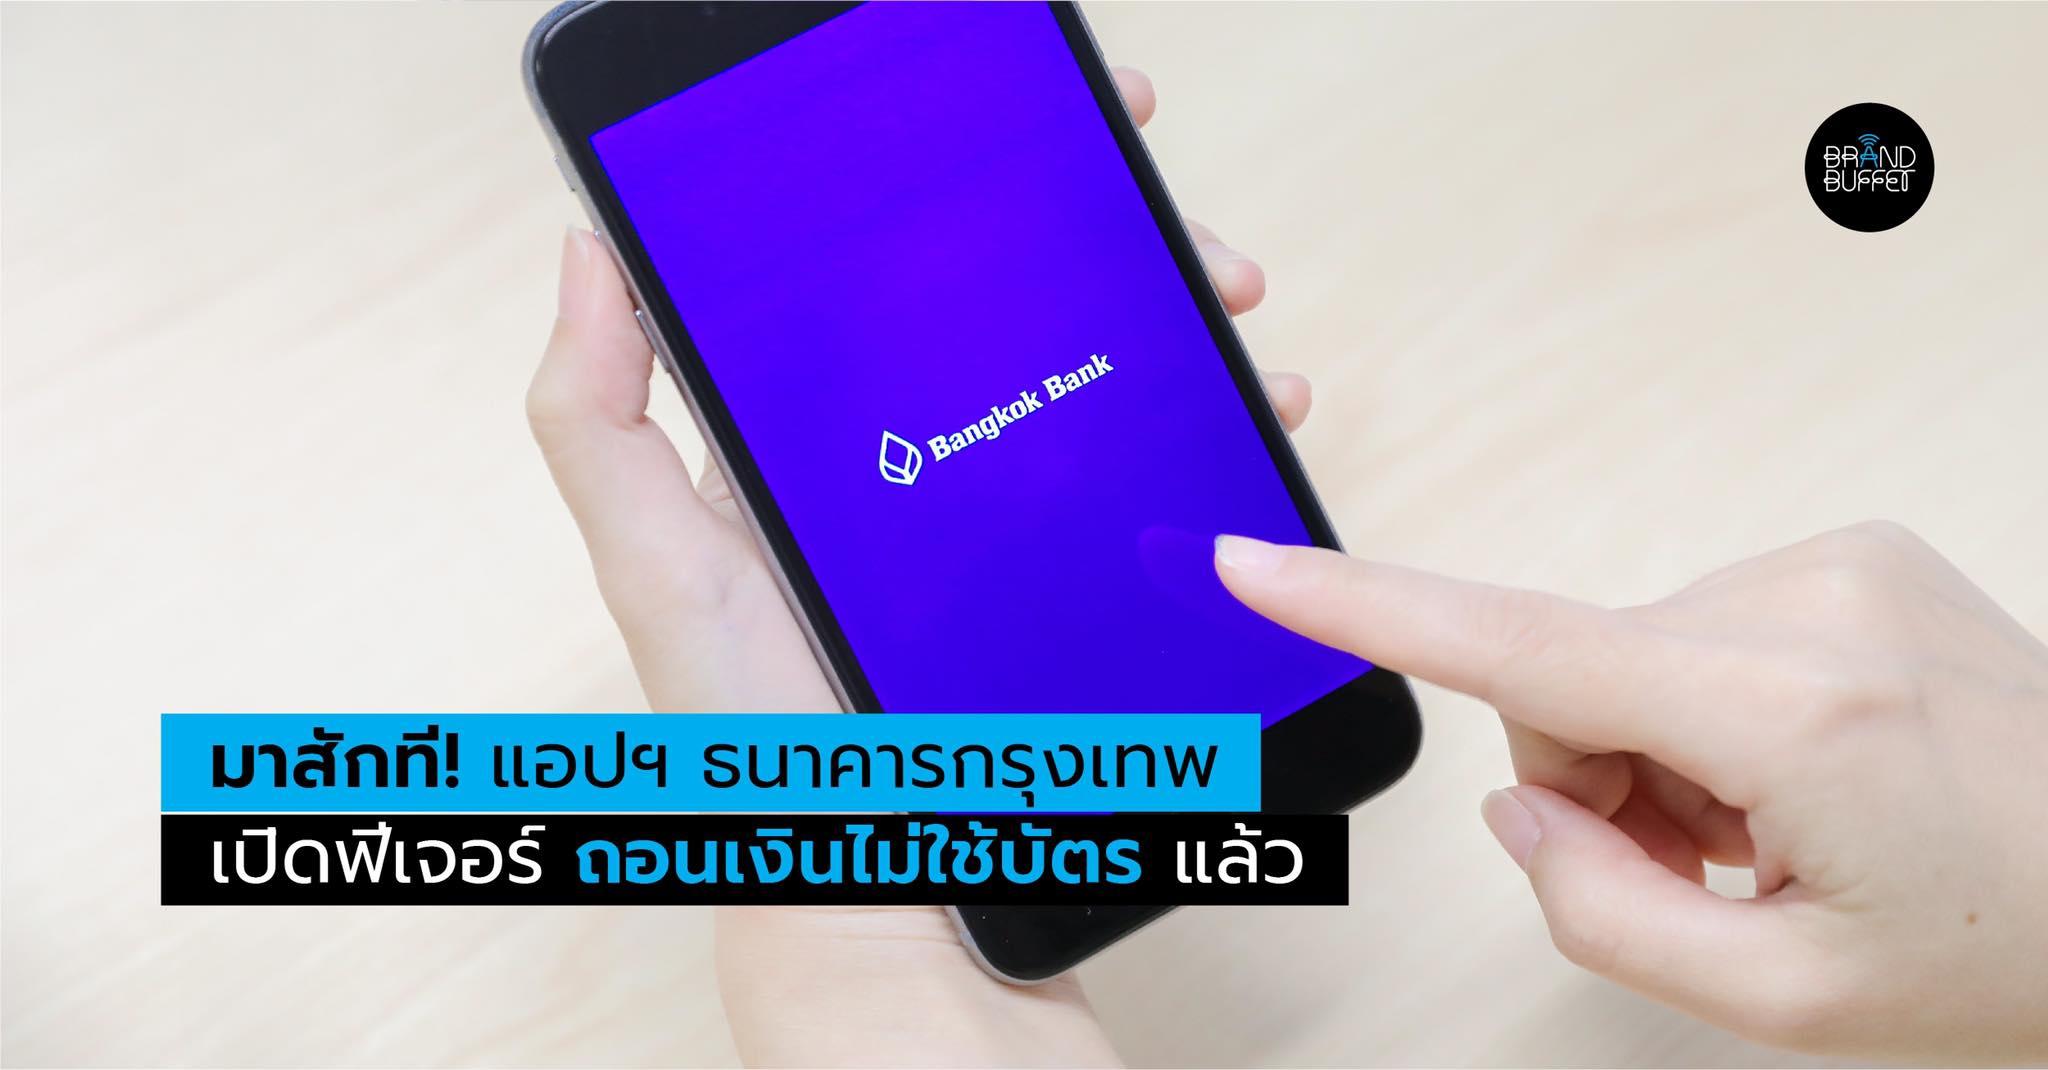 แอป ธนาคารกรุงเทพ BBL app